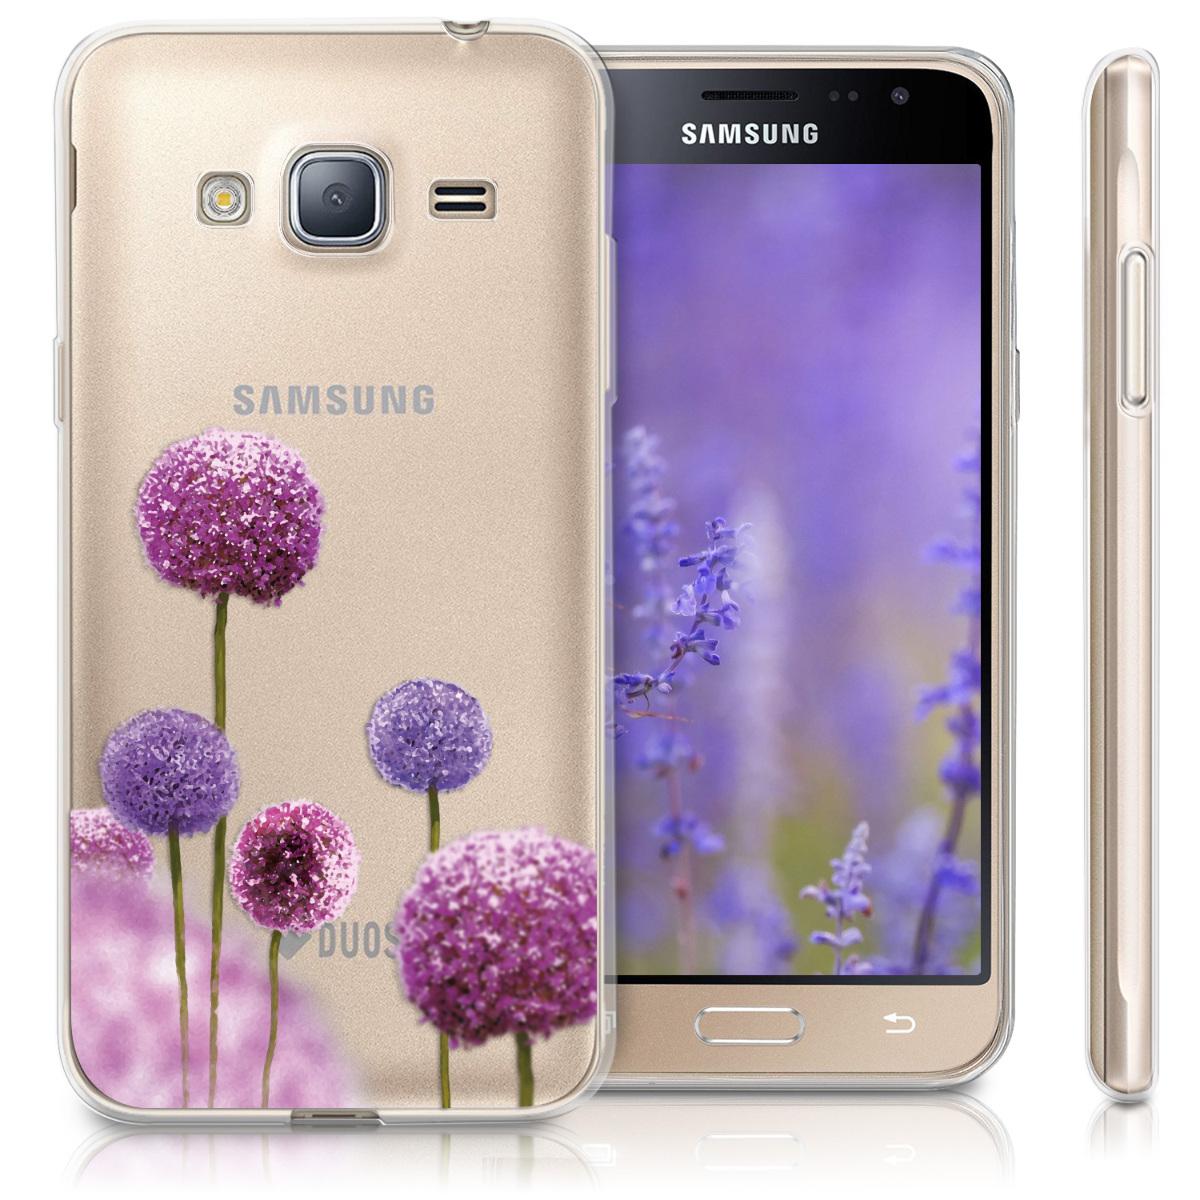 Handyhülle Samsung Galaxy : handyh lle f r samsung galaxy j3 2016 duos h lle handy case cover silikon ebay ~ Aude.kayakingforconservation.com Haus und Dekorationen